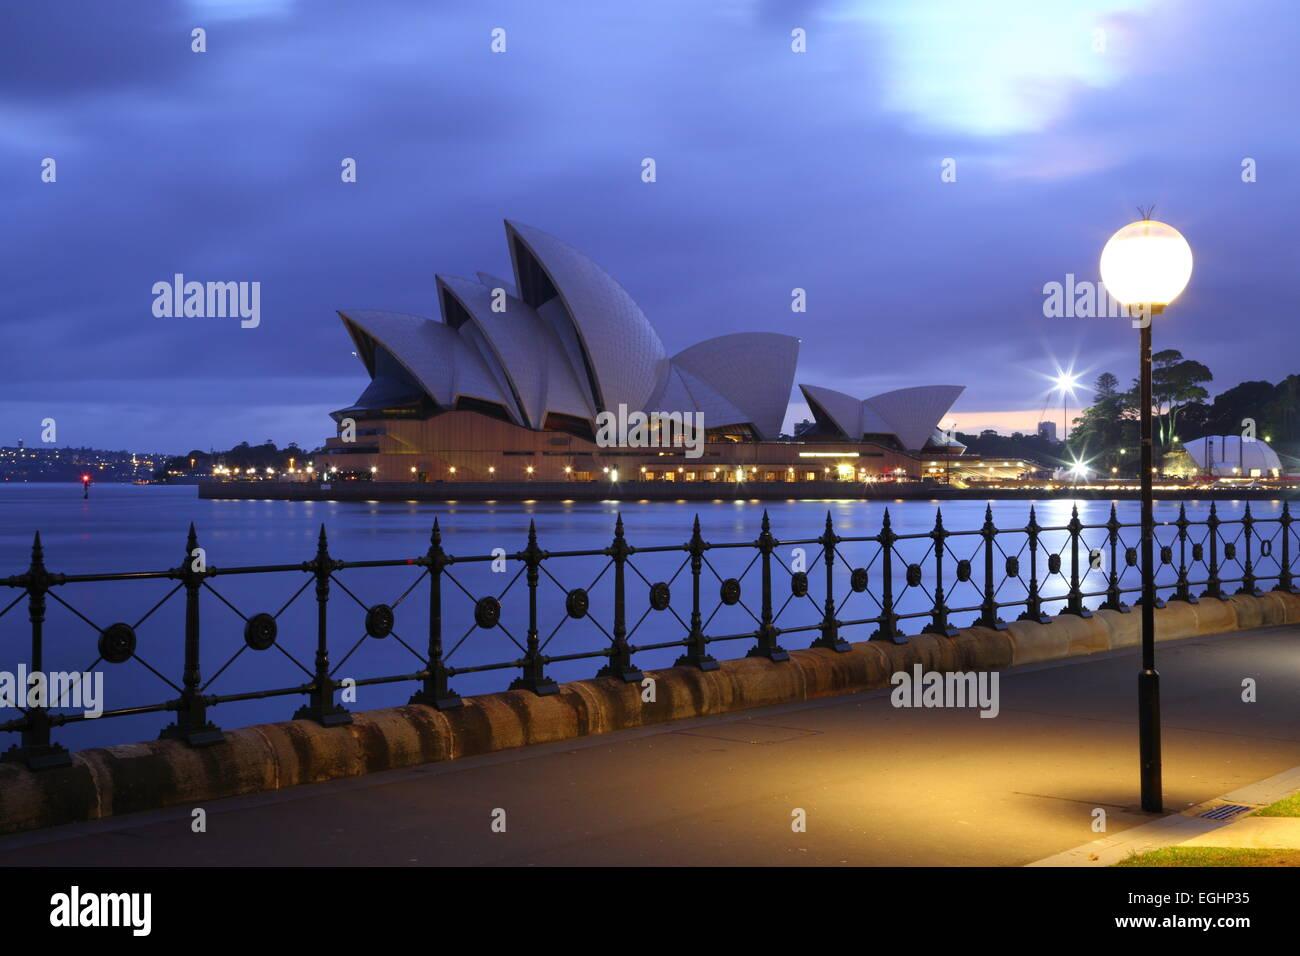 Amanece sobre la icónica Ópera de Sydney, Sydney, New South Wales, Australia. Imagen De Stock